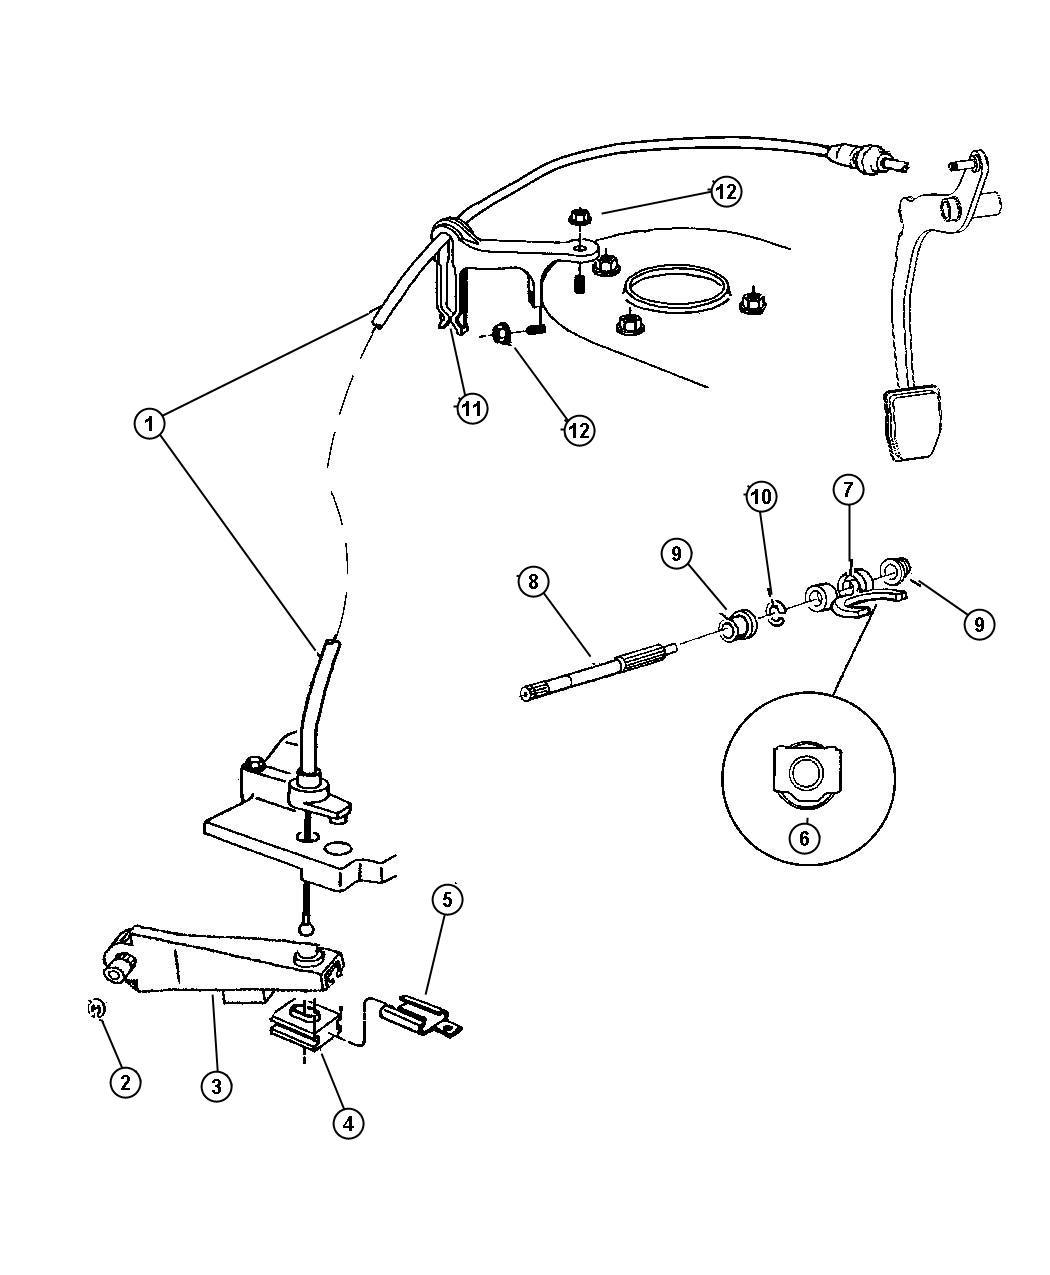 1990 Dodge Grand Caravan Grommet. Clutch cable retainer